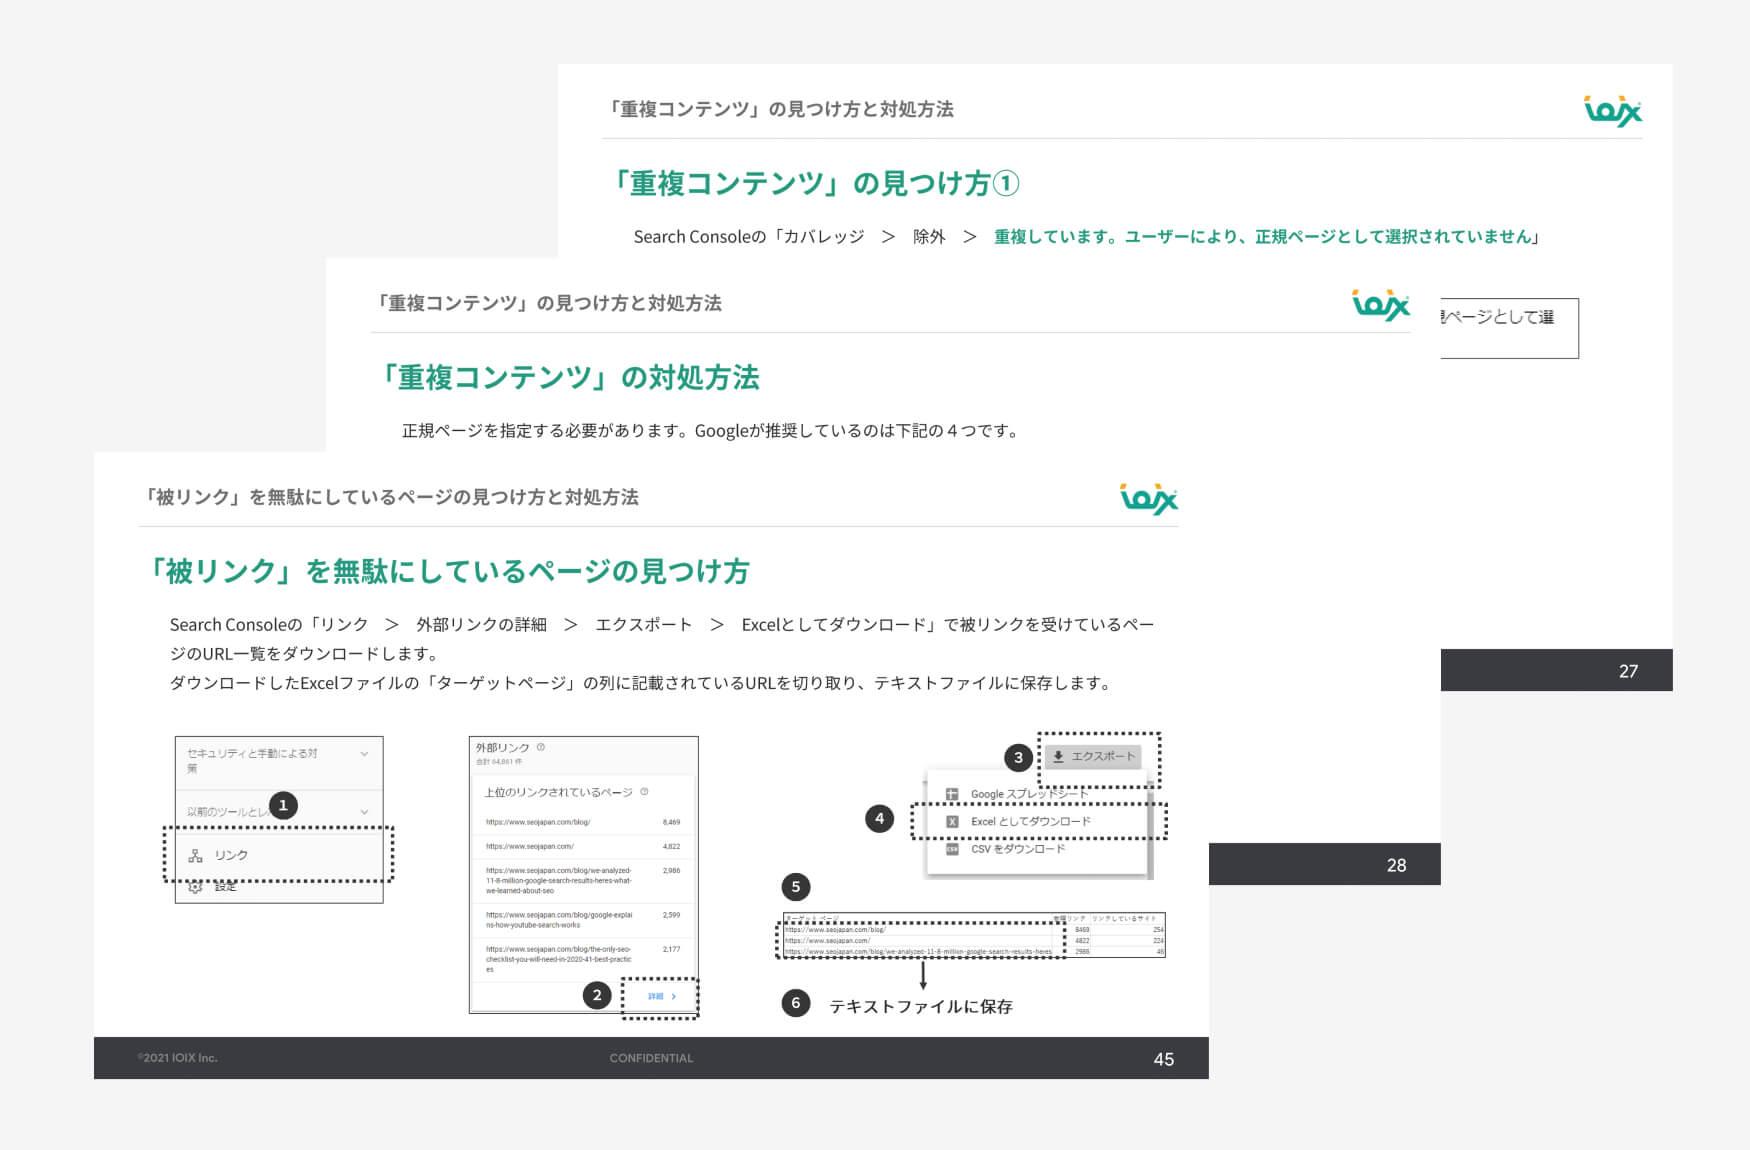 """<span class=""""title"""">【無料ダウンロード】「Google Search Console実践マニュアル」をリリースしました</span>"""